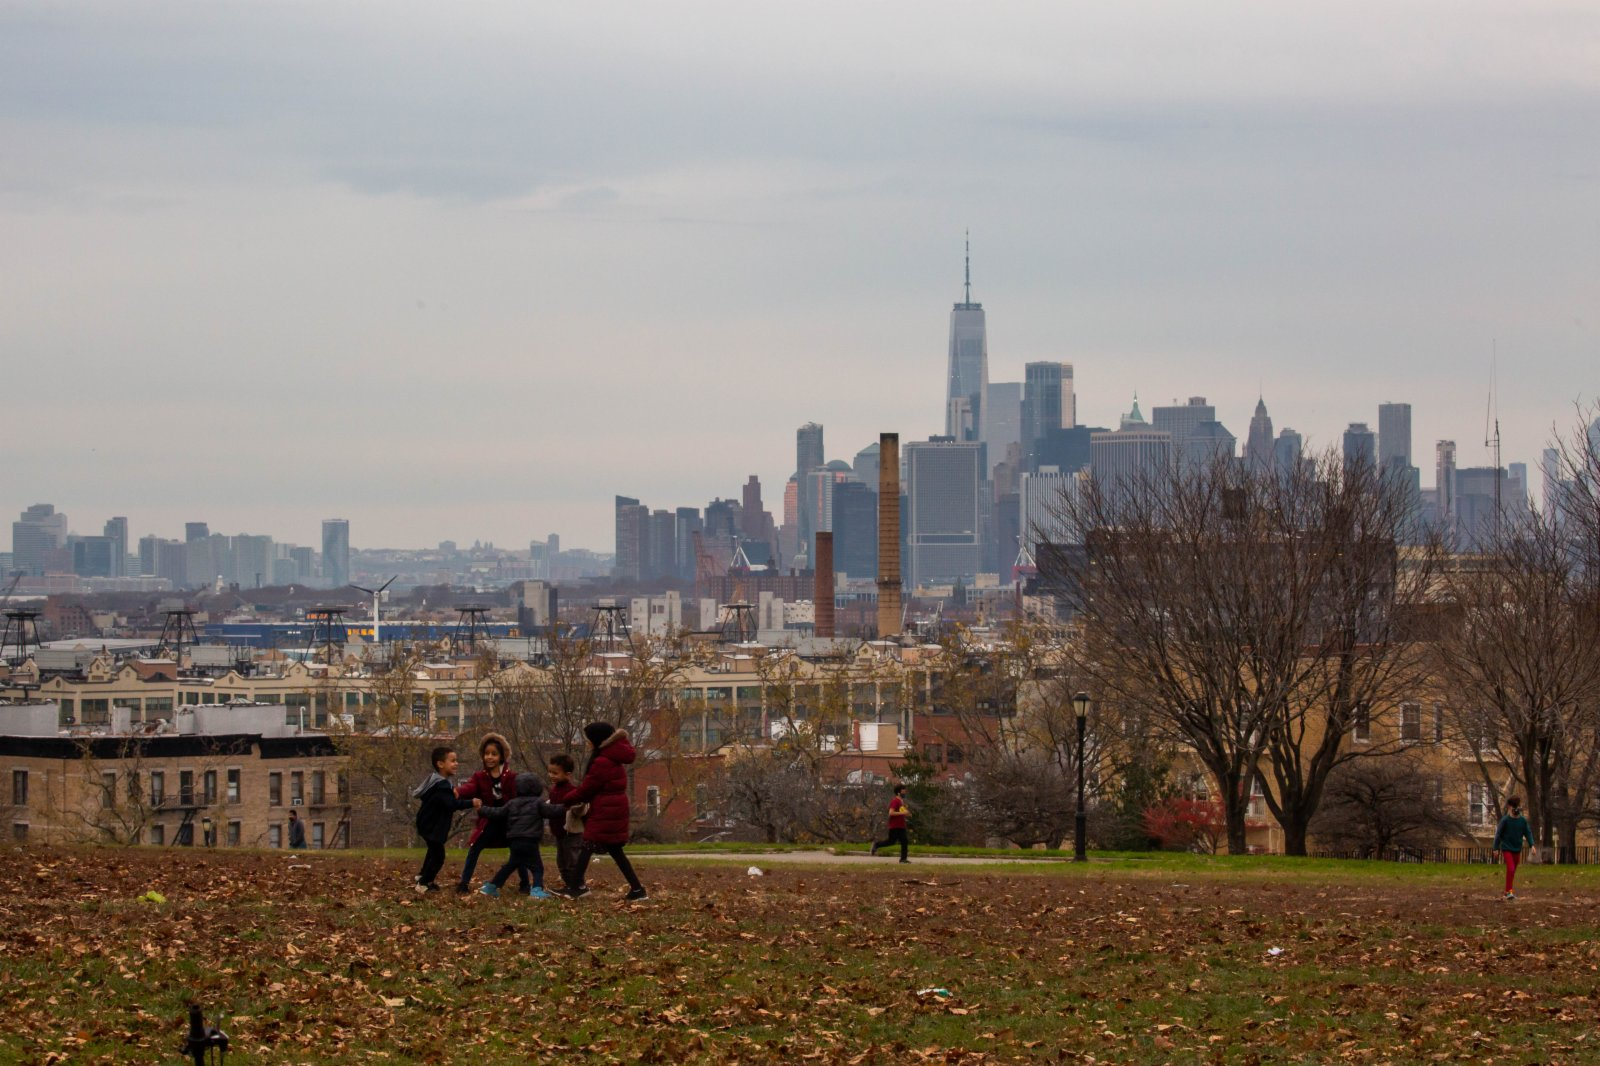 美國約翰斯·霍普金斯大學21日發布的新冠疫情最新統計數據顯示,美國累計確診病例超過1200萬例。圖為11月21日,孩子們在美國紐約的公園玩耍。(新華社)